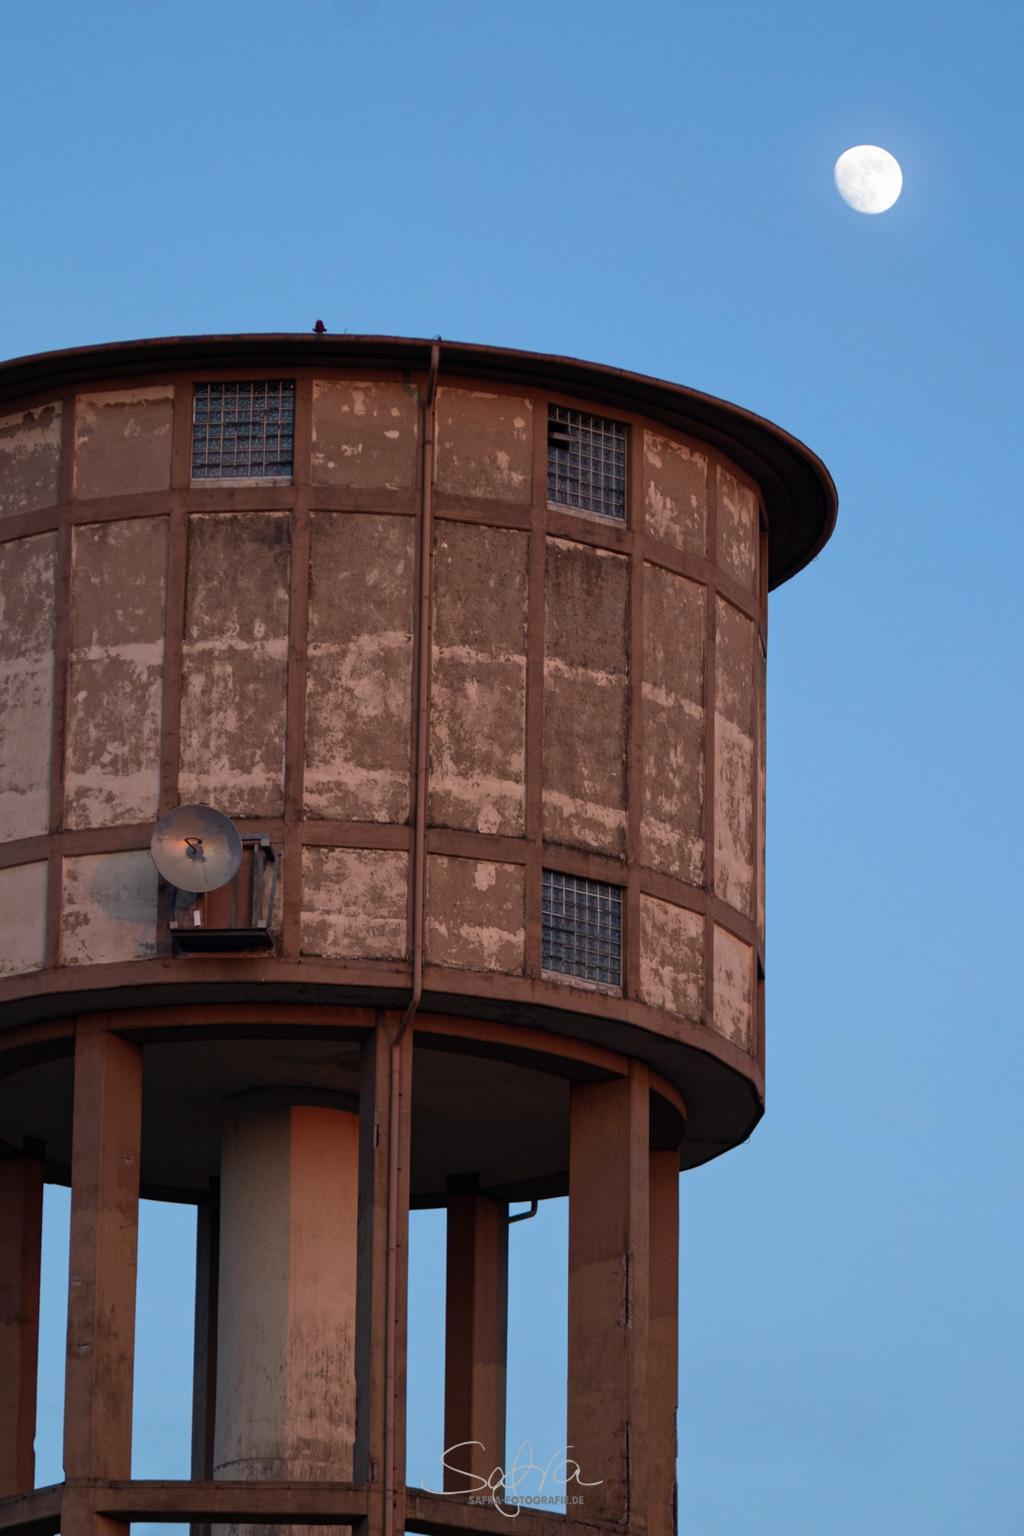 Babenhausen, ehemalige Kaserne, neuer Wasserturm